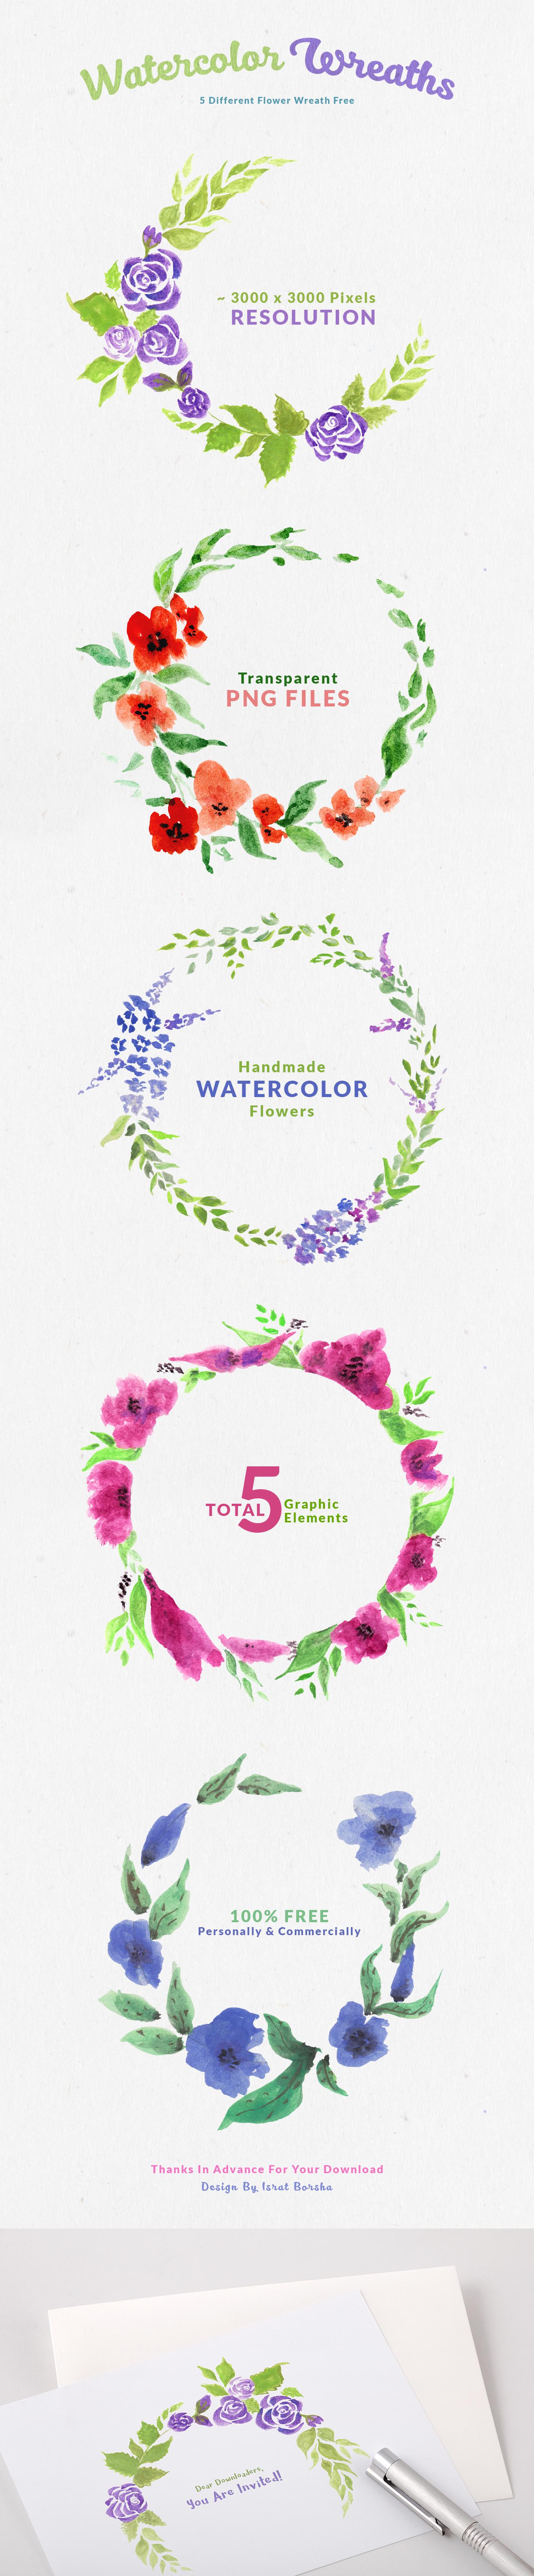 watercolor painting   freebie Pack flower wreath flower wreath FLOWER PAINTING graphic elements Transparent png